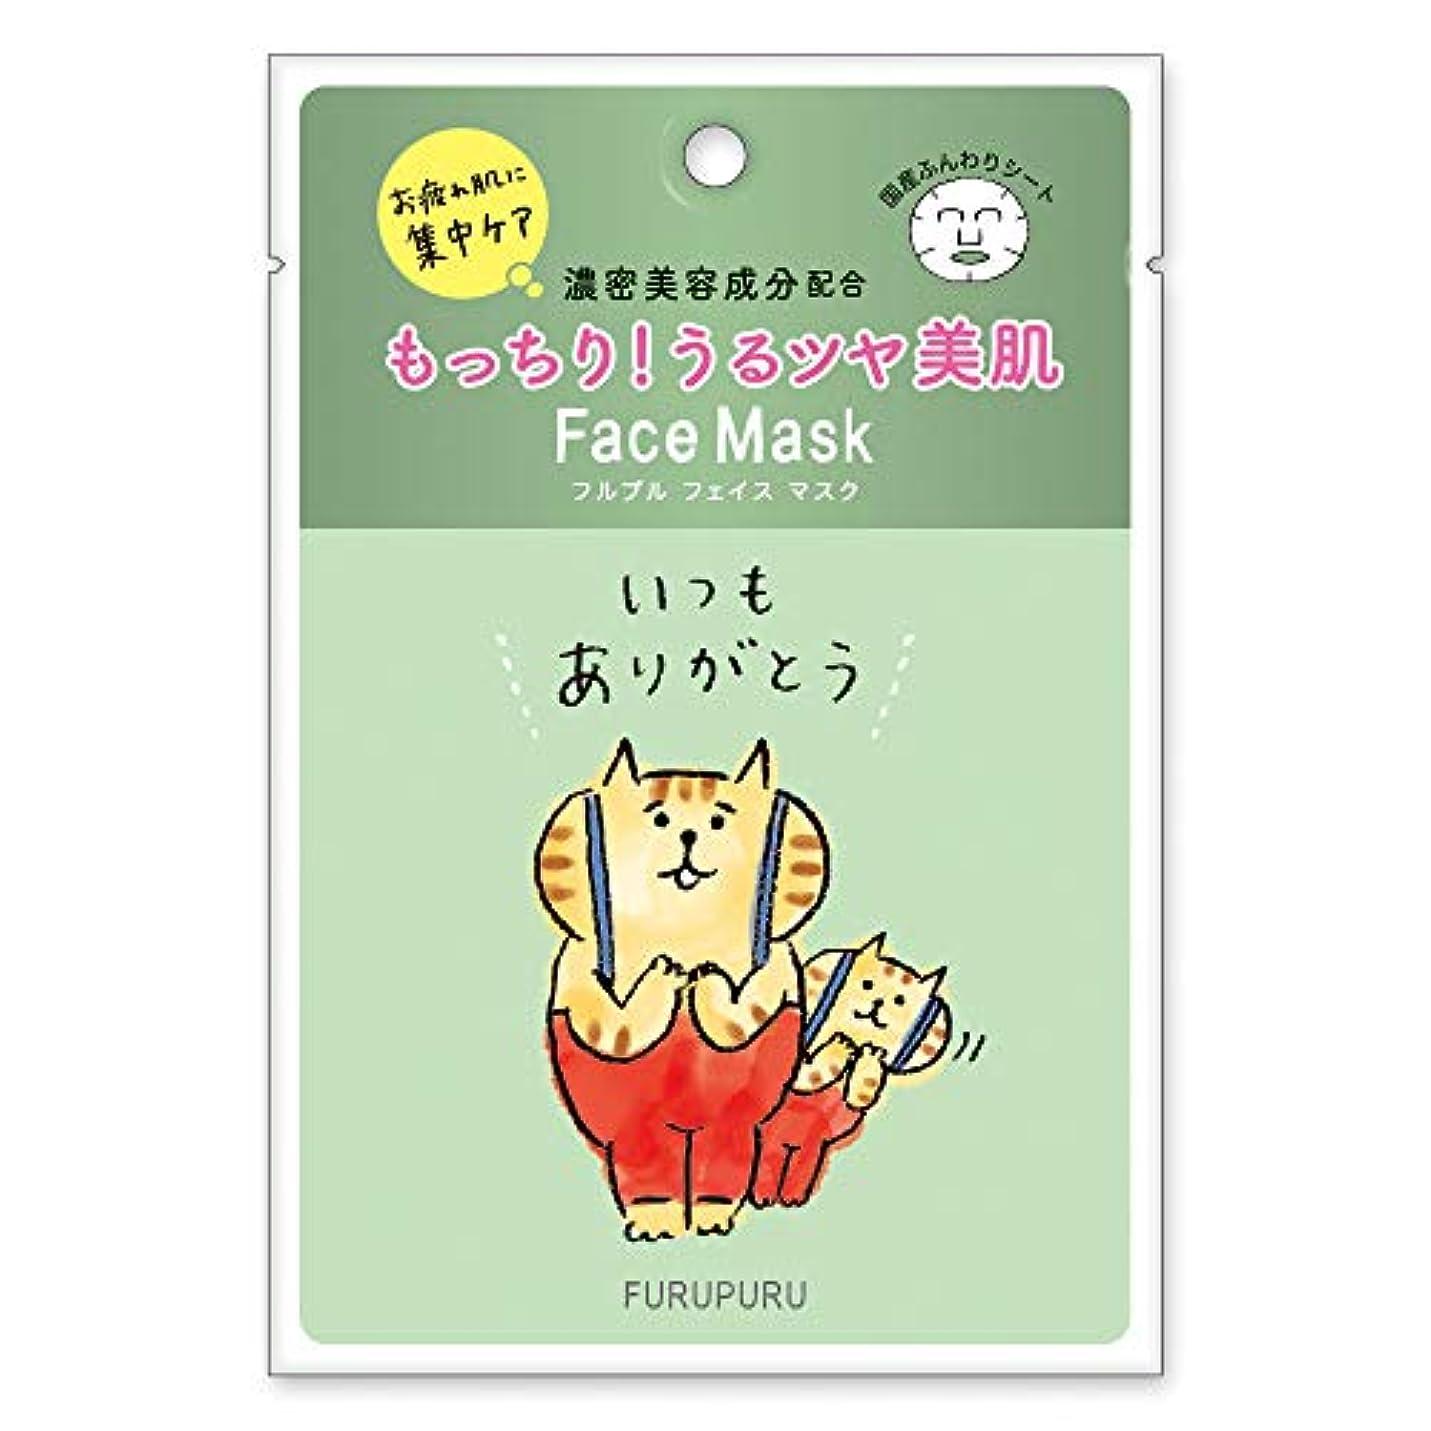 人気の中央ステッチフルプルフェイスマスク ごろごろにゃんすけ ありがとう やさしく香る天然ローズの香り 30g